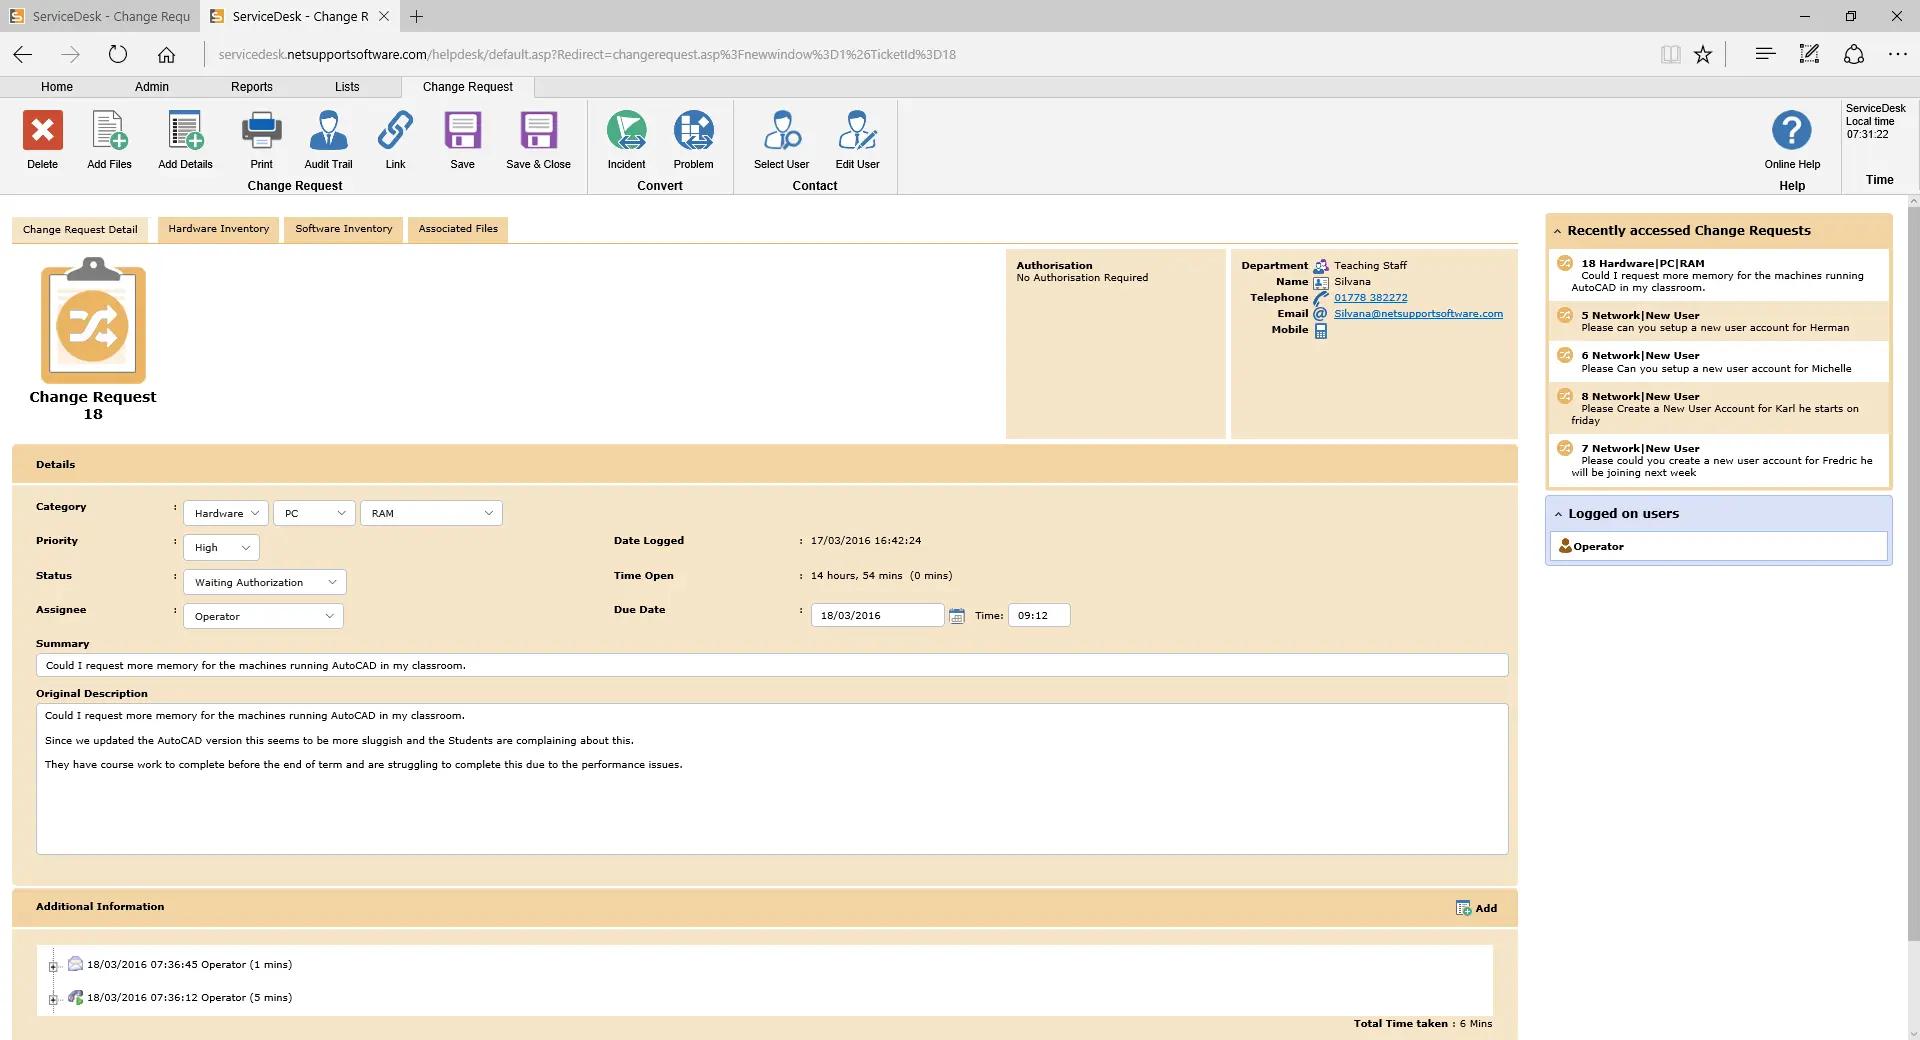 NetSupport ServiceDesk Software - NetSupport ServiceDesk - Change Management view